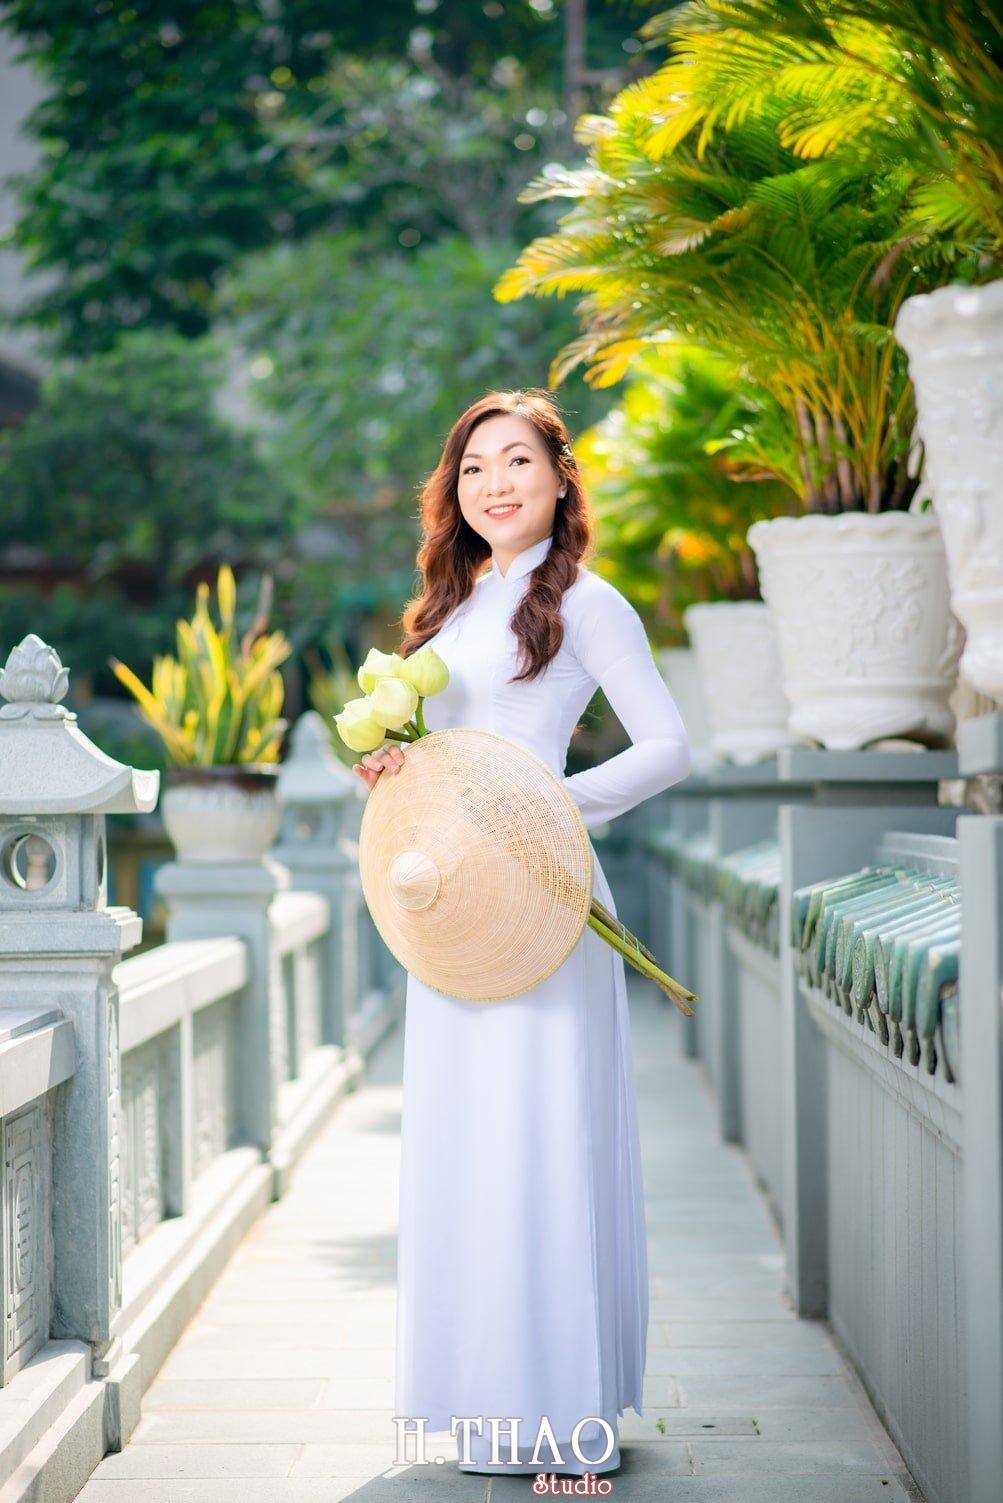 Ao dai 7 - Báo giá chụp ảnh áo dài trọn gói tại Tp.HCM - HThao Studio